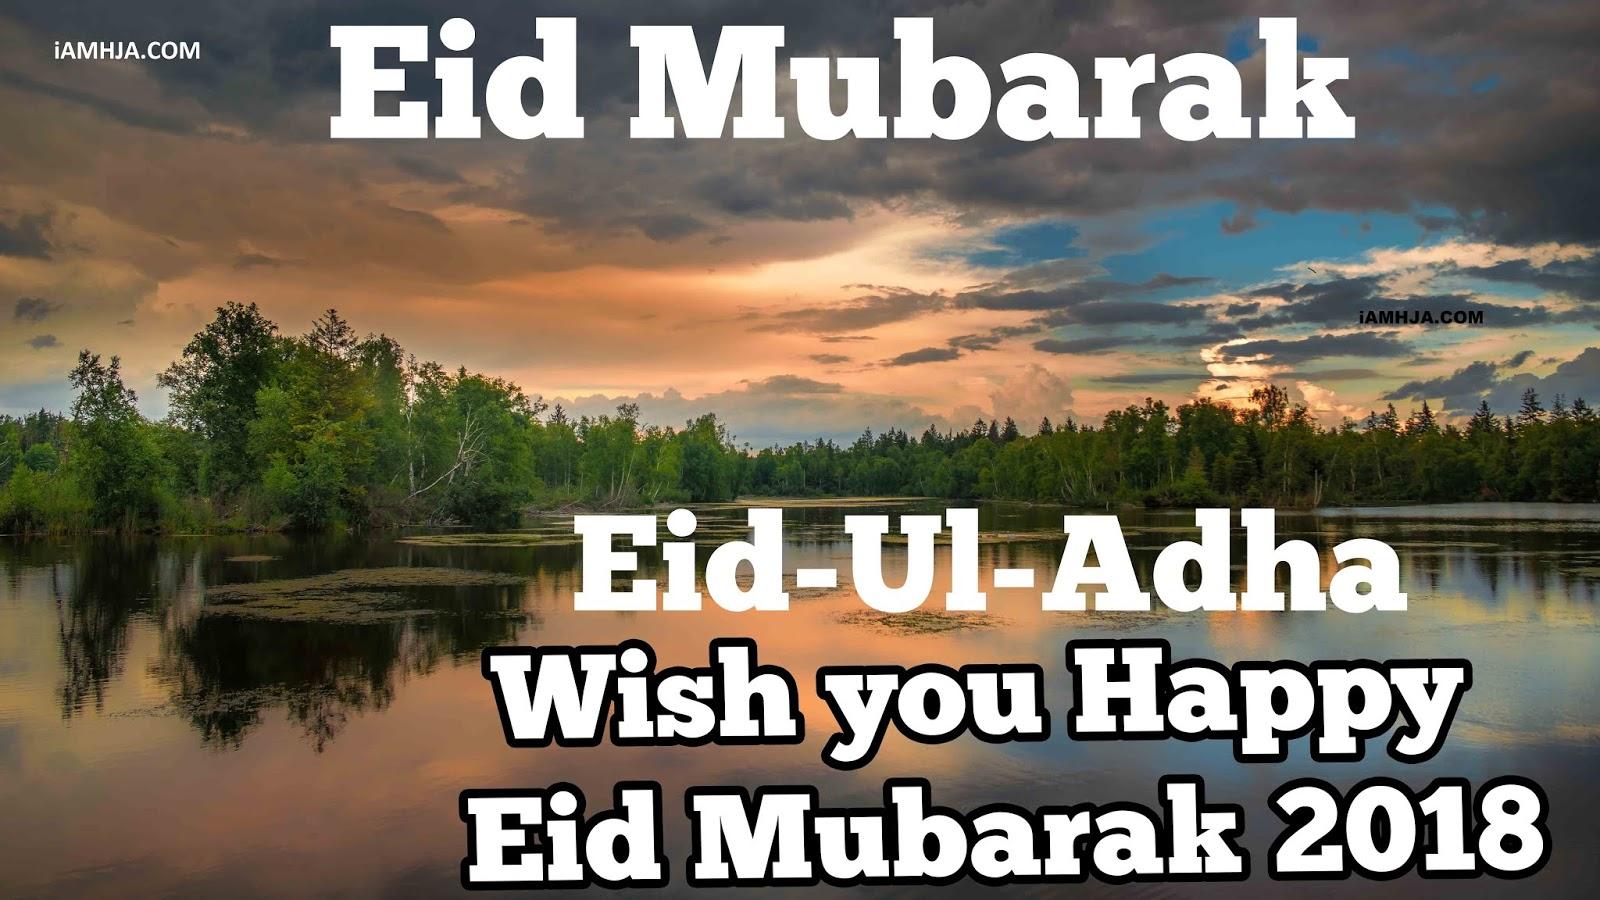 Eid Mubarak 2018 Eid Al Adha Images Eid Mubarak Pictures Happy